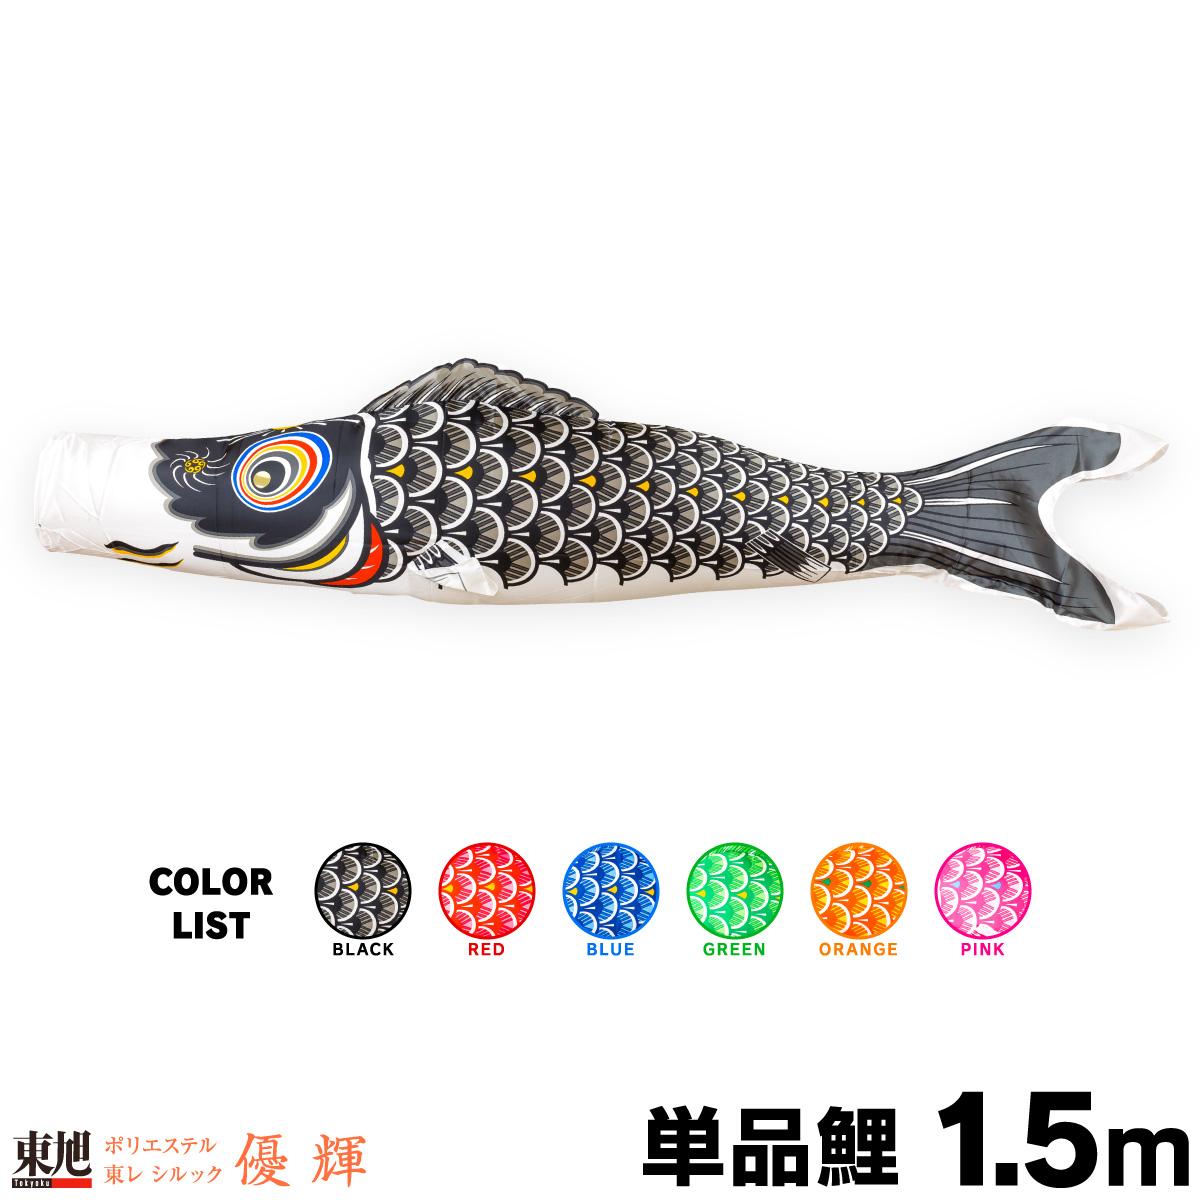 【こいのぼり 単品】 ポリエステル東レ シルック 優輝 1.5m 単品鯉